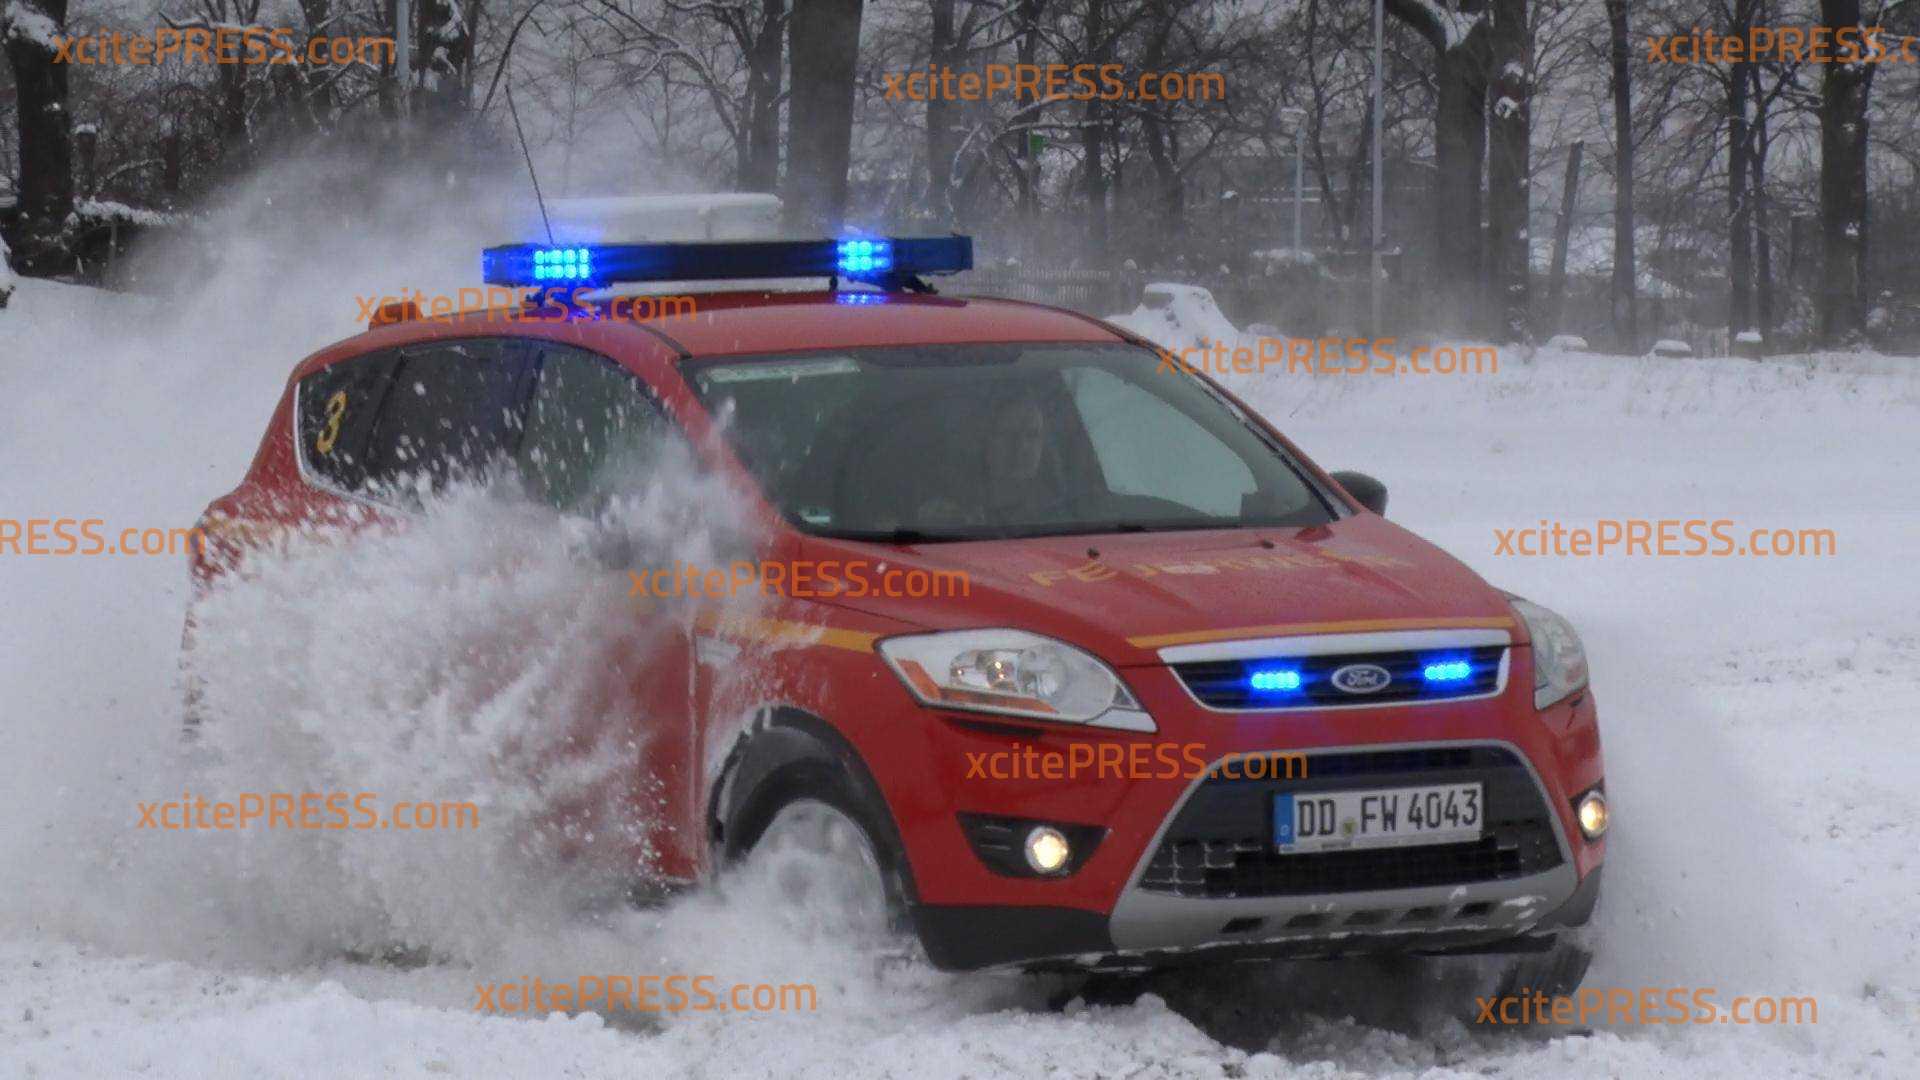 Driften für die Sicherheit : Dresdner Feuerwehr beim Fahrsicherheitstraining im Schnee